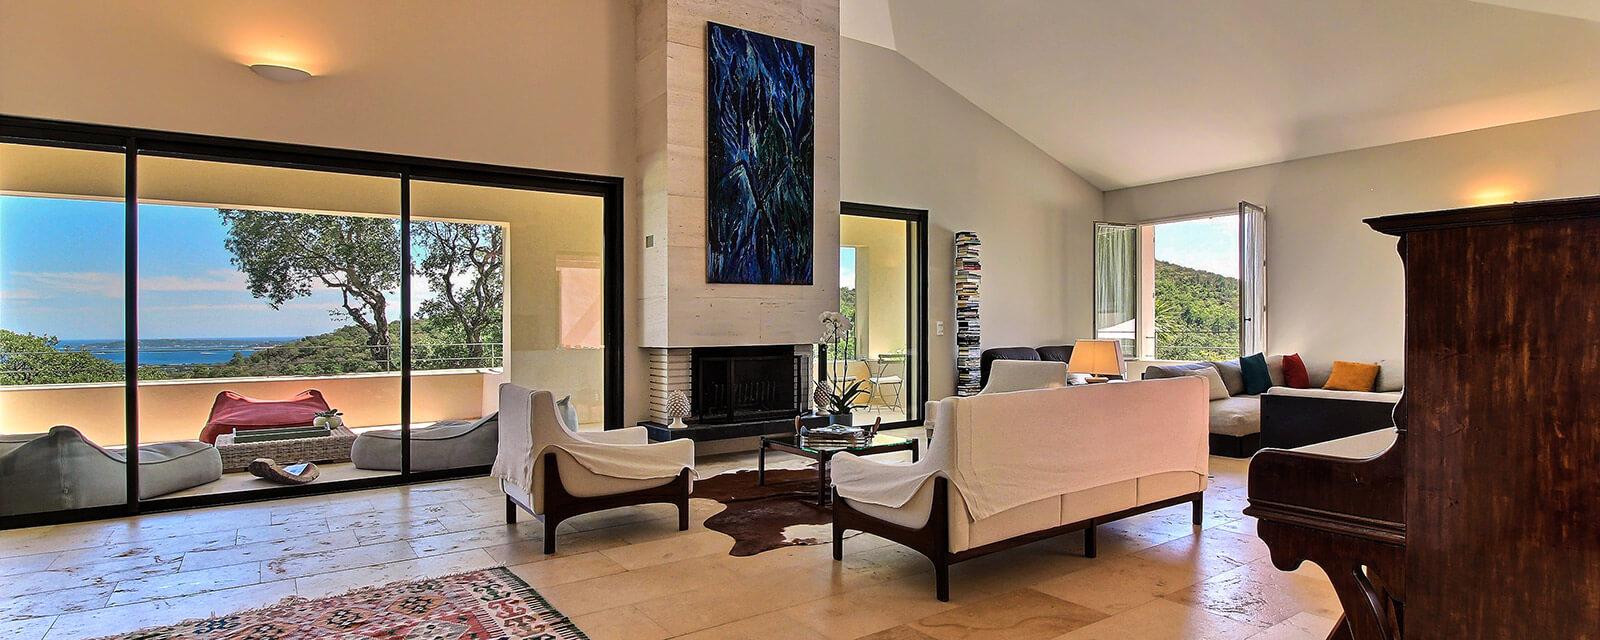 maison grimaud great location de maison grimaud gte. Black Bedroom Furniture Sets. Home Design Ideas